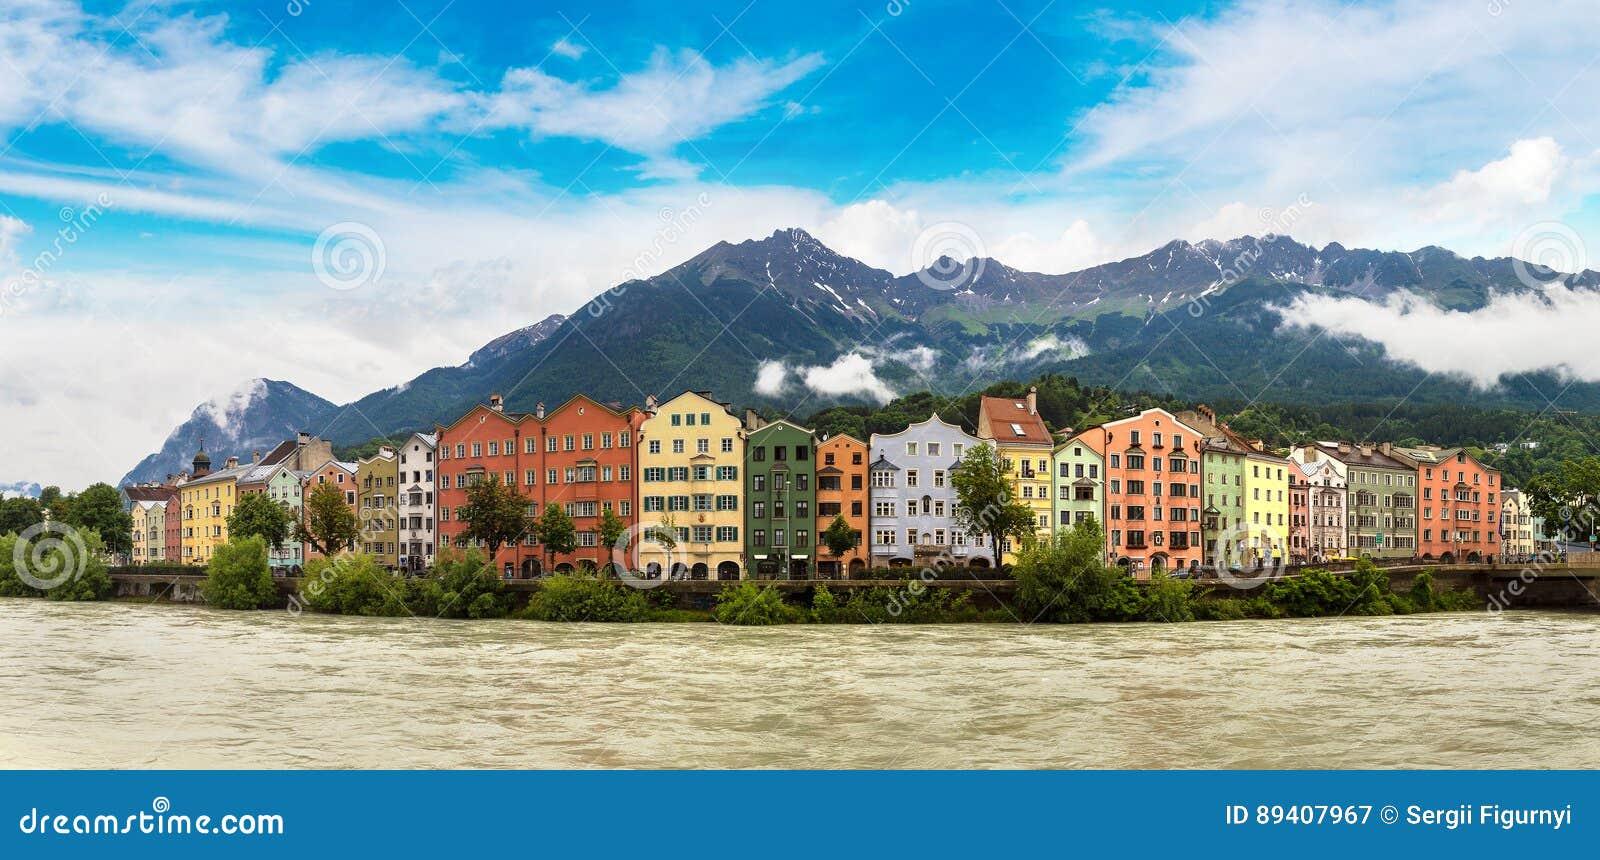 Fachada da construção em Innsbruck